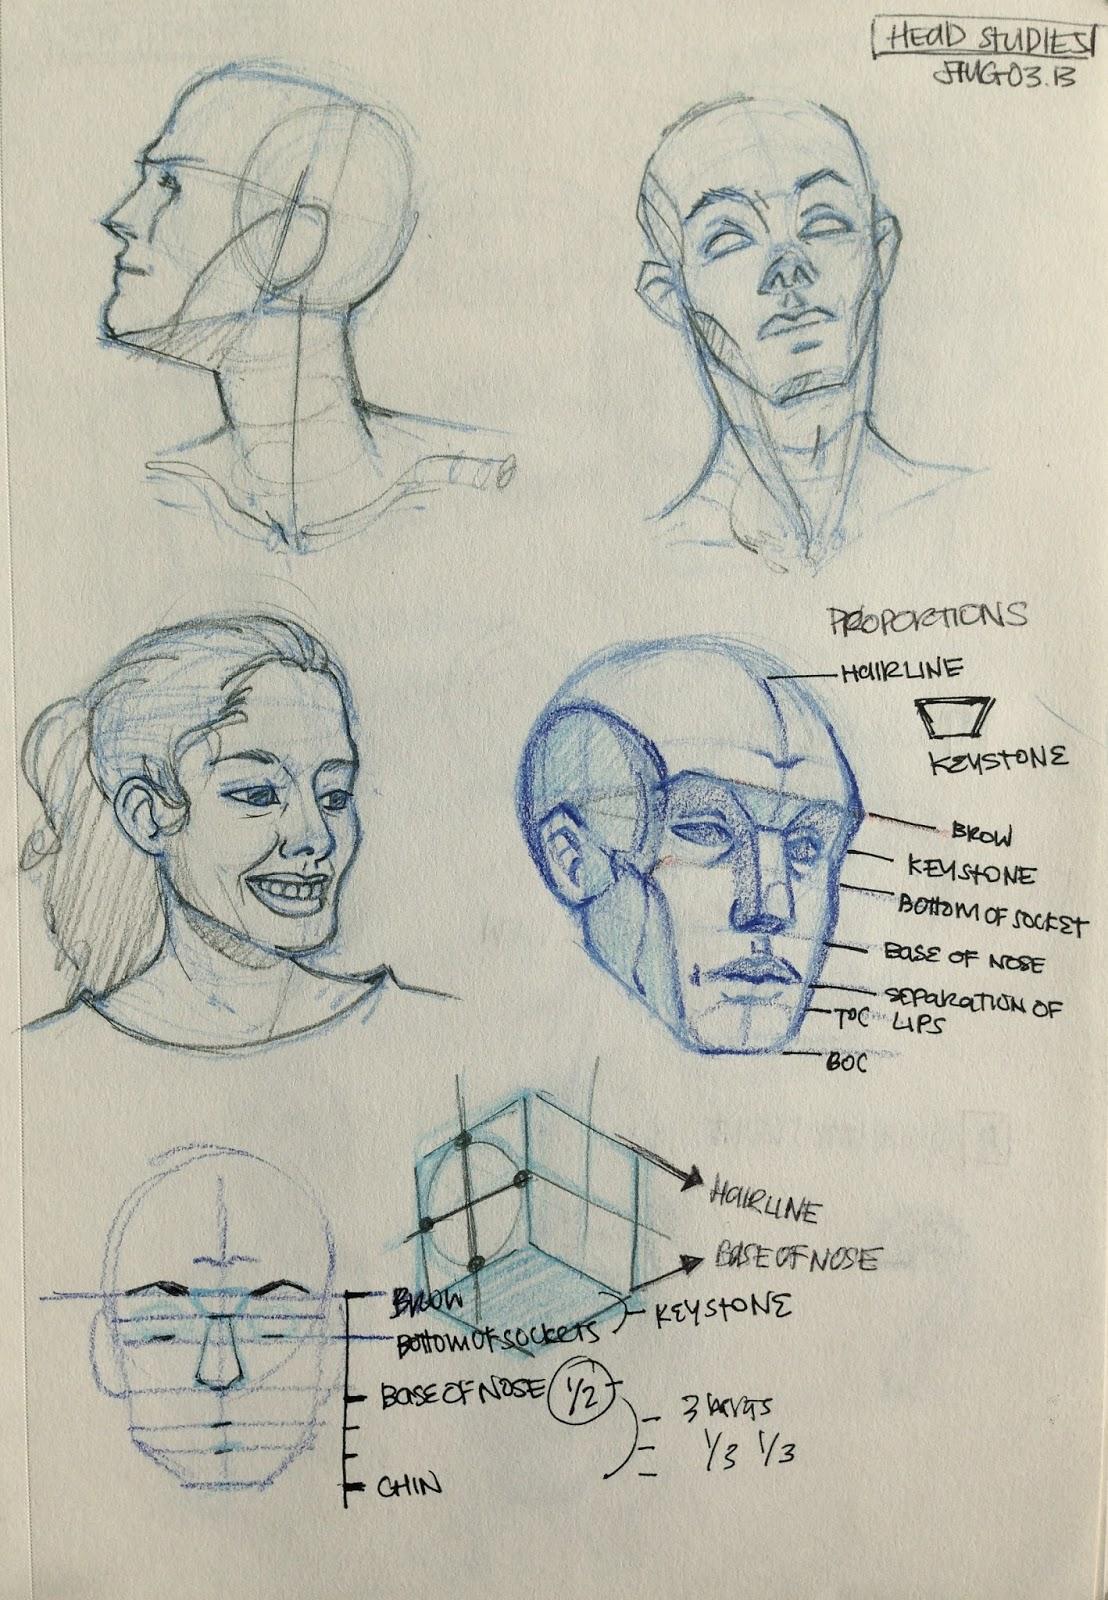 Machover Il Disegno Della Figura Umana Libro.Figura Disegno Disegno E Invenzione 4a Edizione Pdf Meosompebima Cf